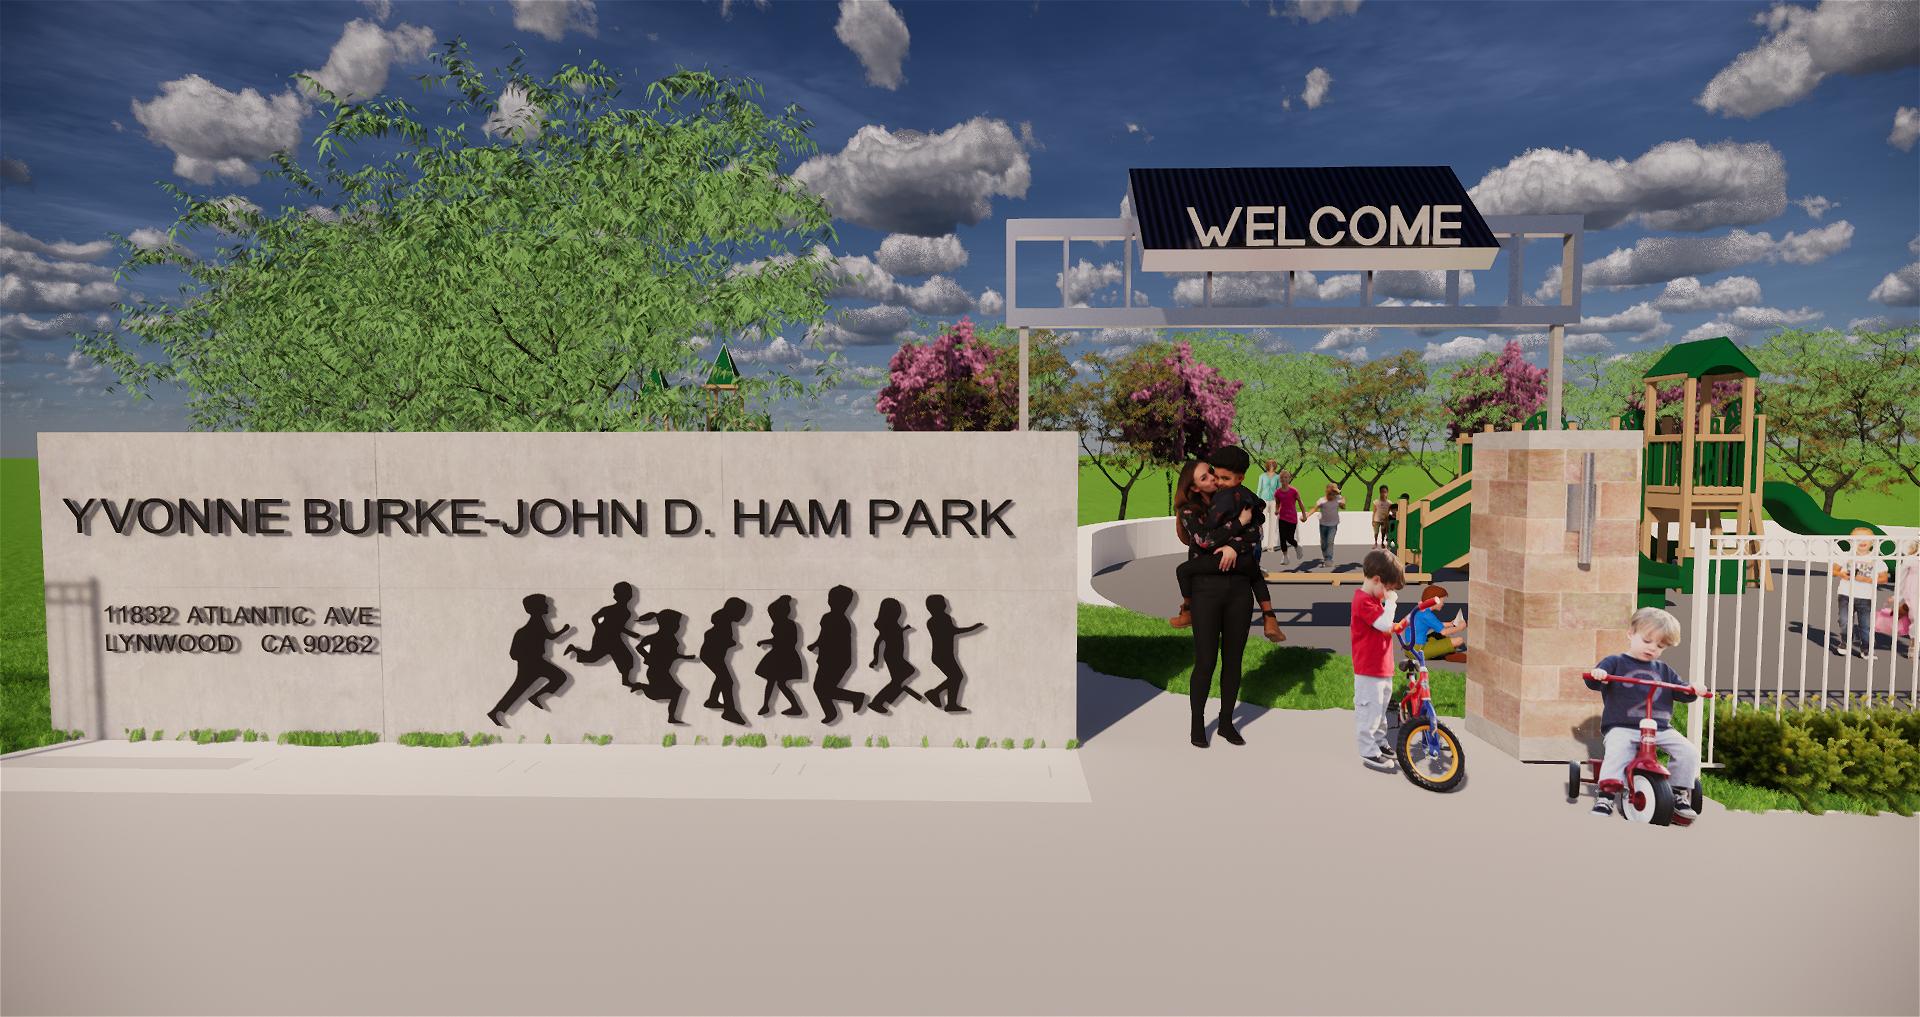 Yvonne Burke-John D. Ham Park